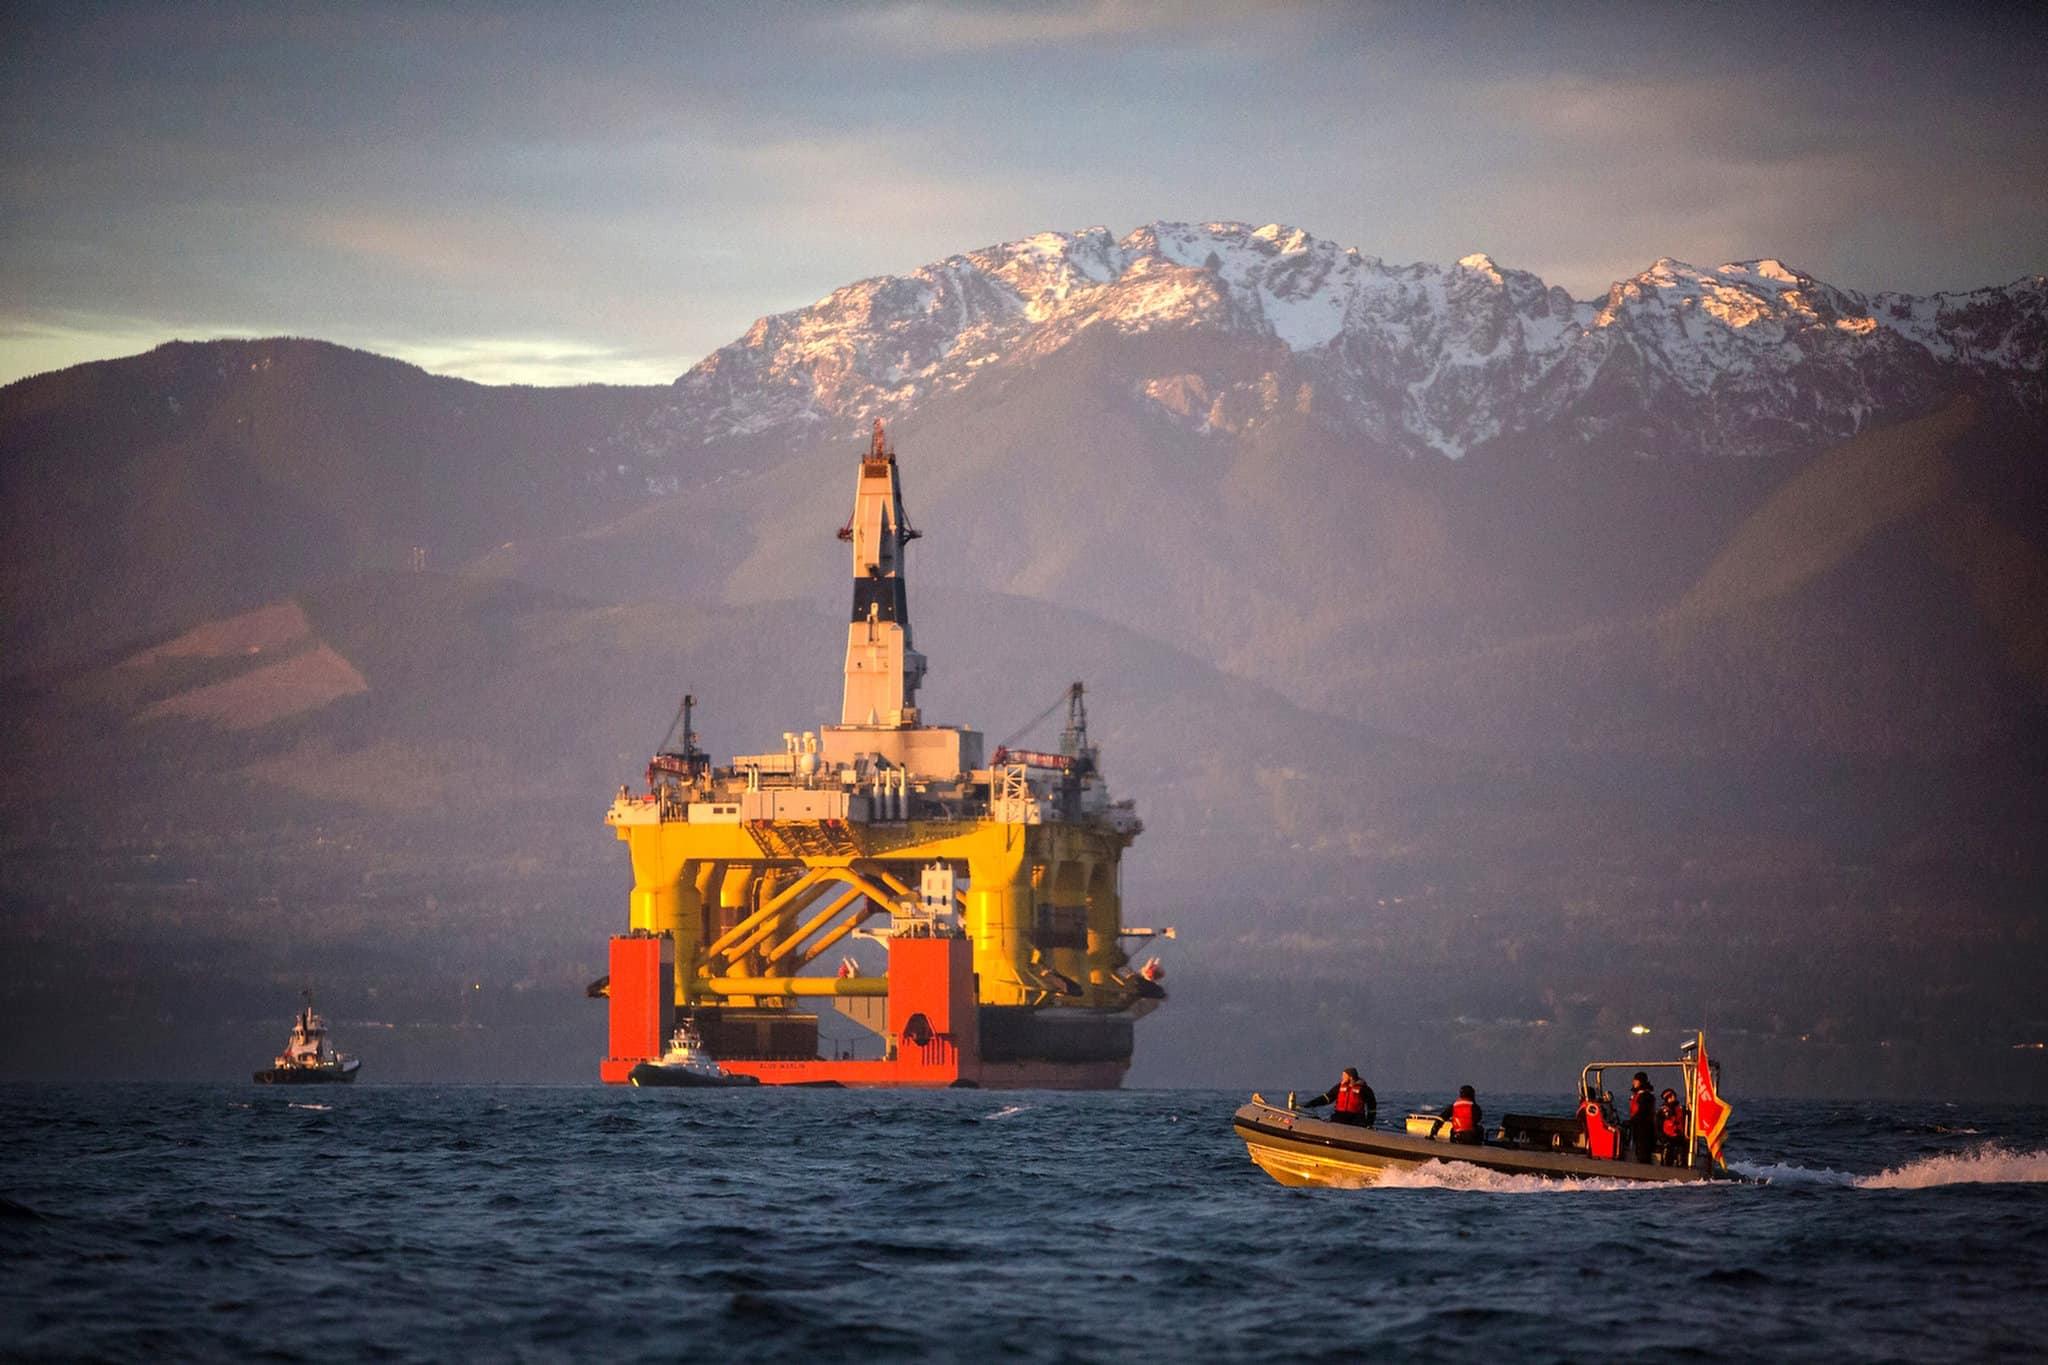 Shell уменьшит на 40% затраты на добычу нефти и газа для «зеленого» перехода